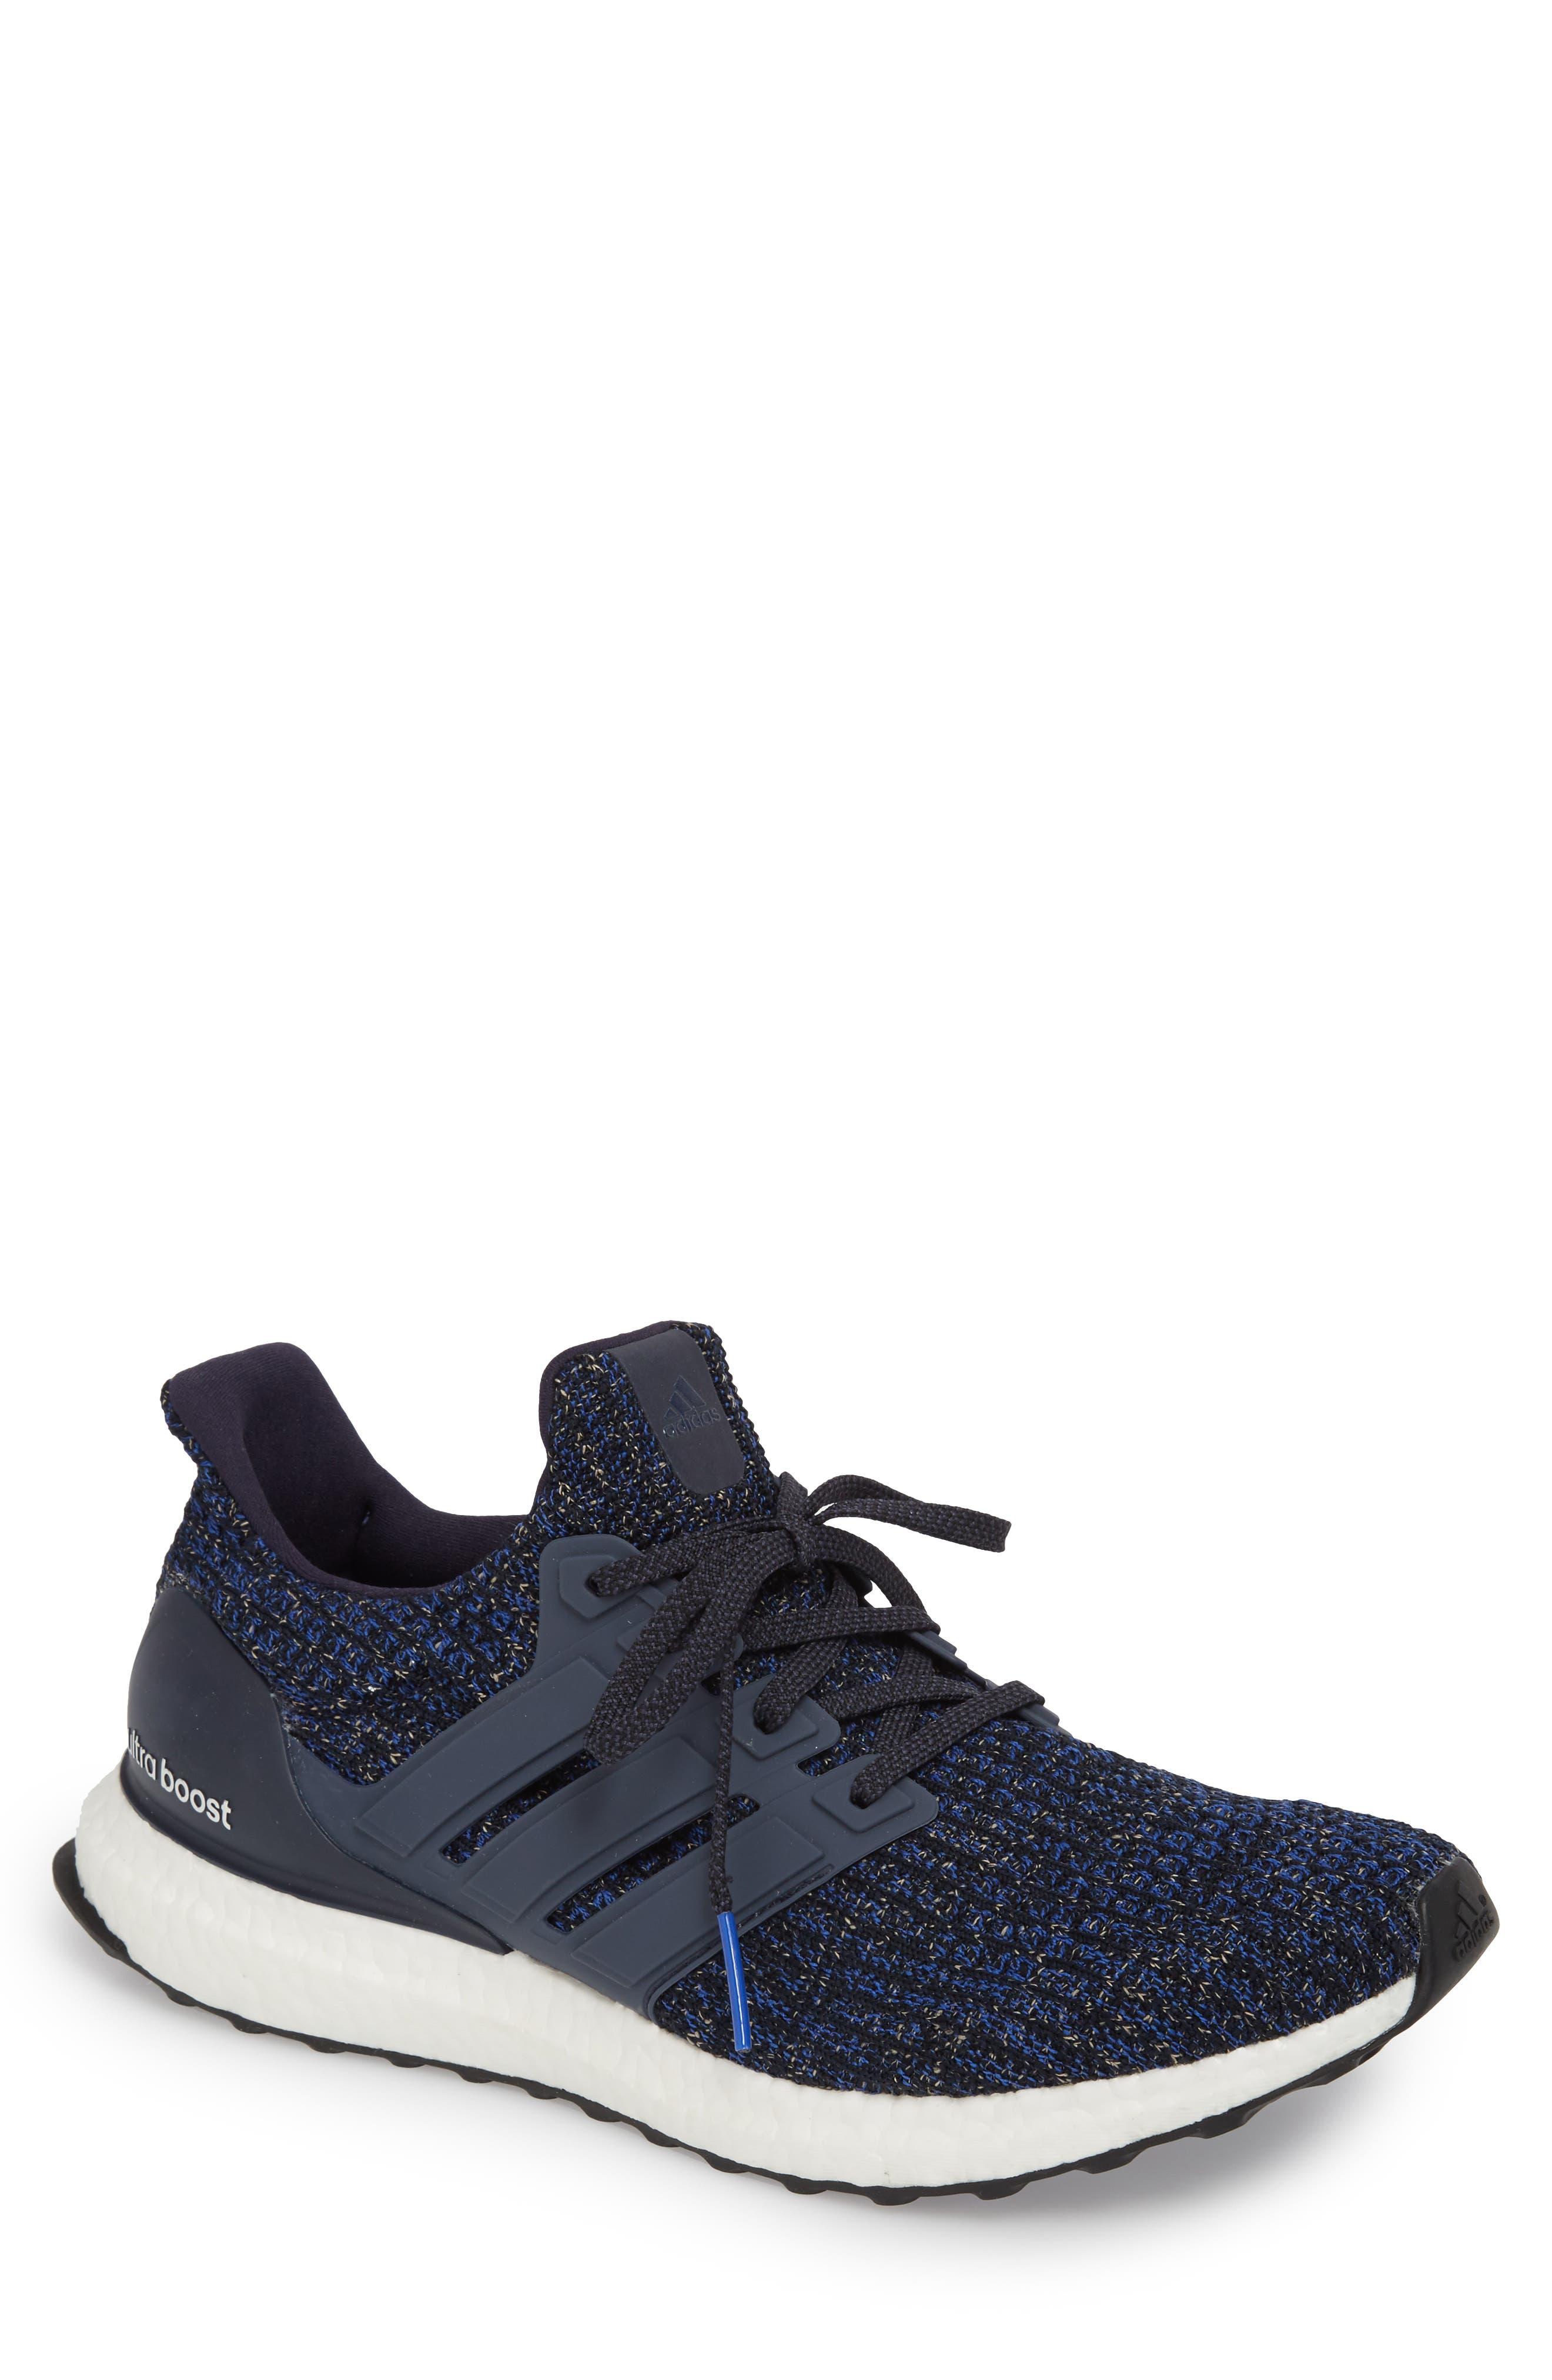 adidas \u0027UltraBoost\u0027 Running Shoe ...